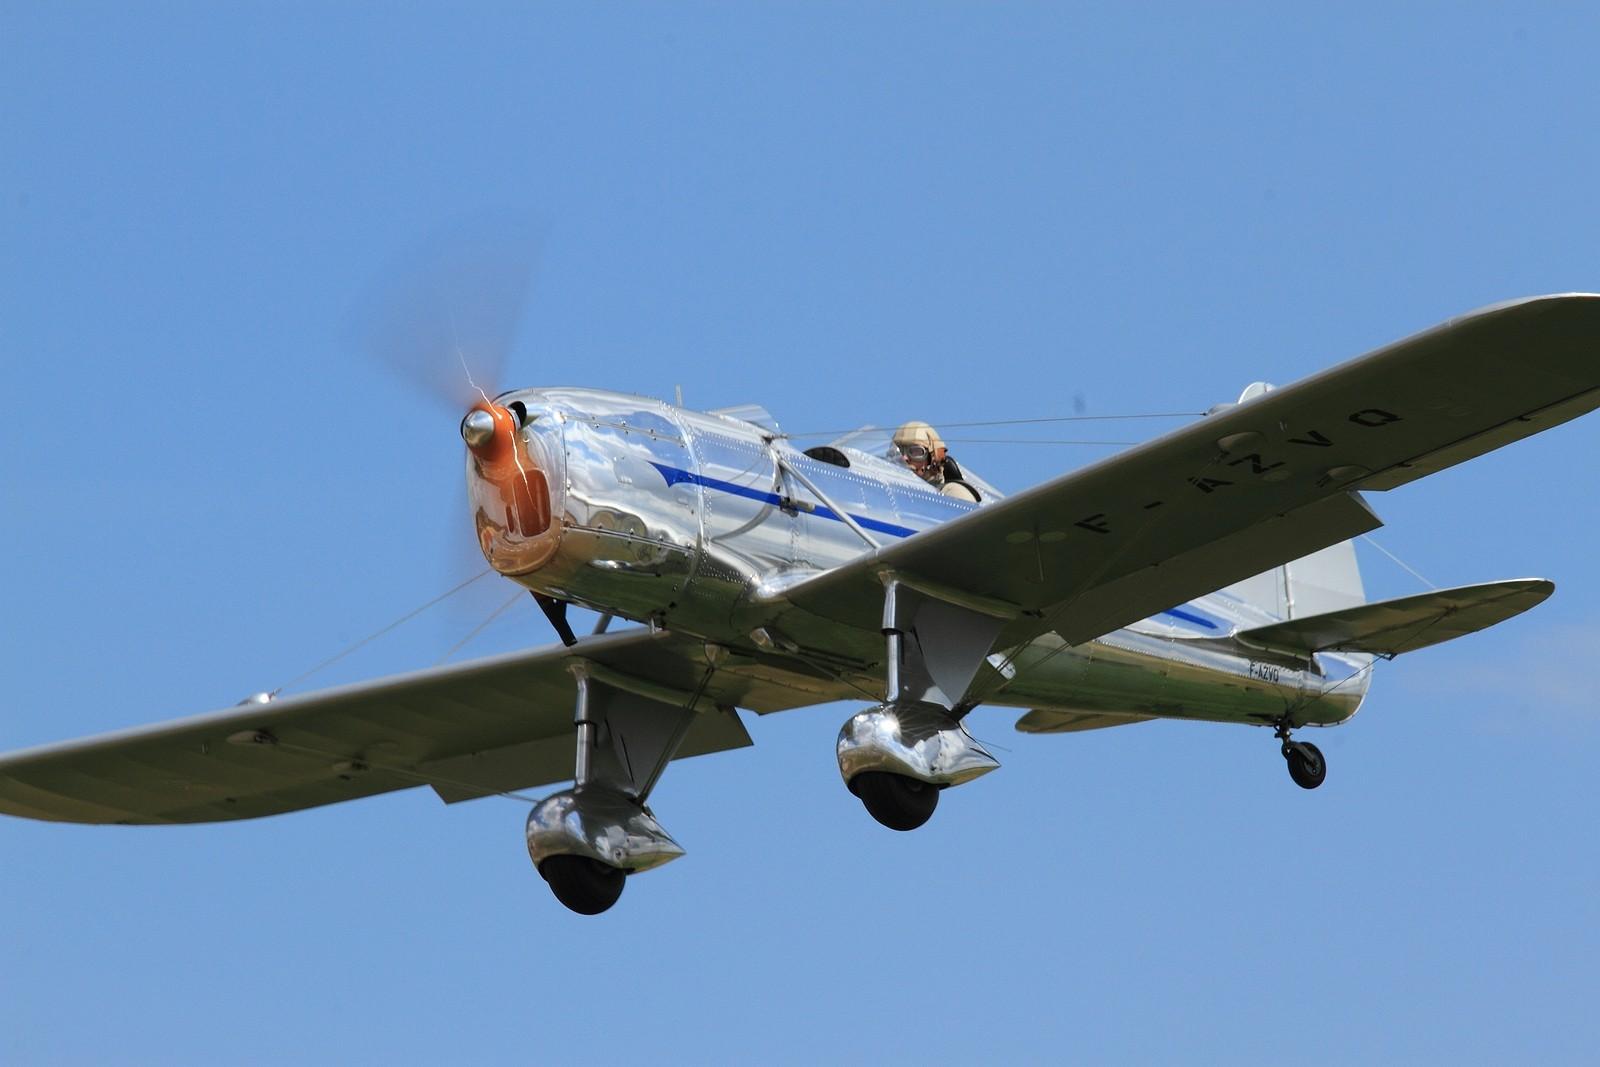 Www crash aerien aero harrison ford bless dans un accident d avion - Bureau enquete accident avion ...